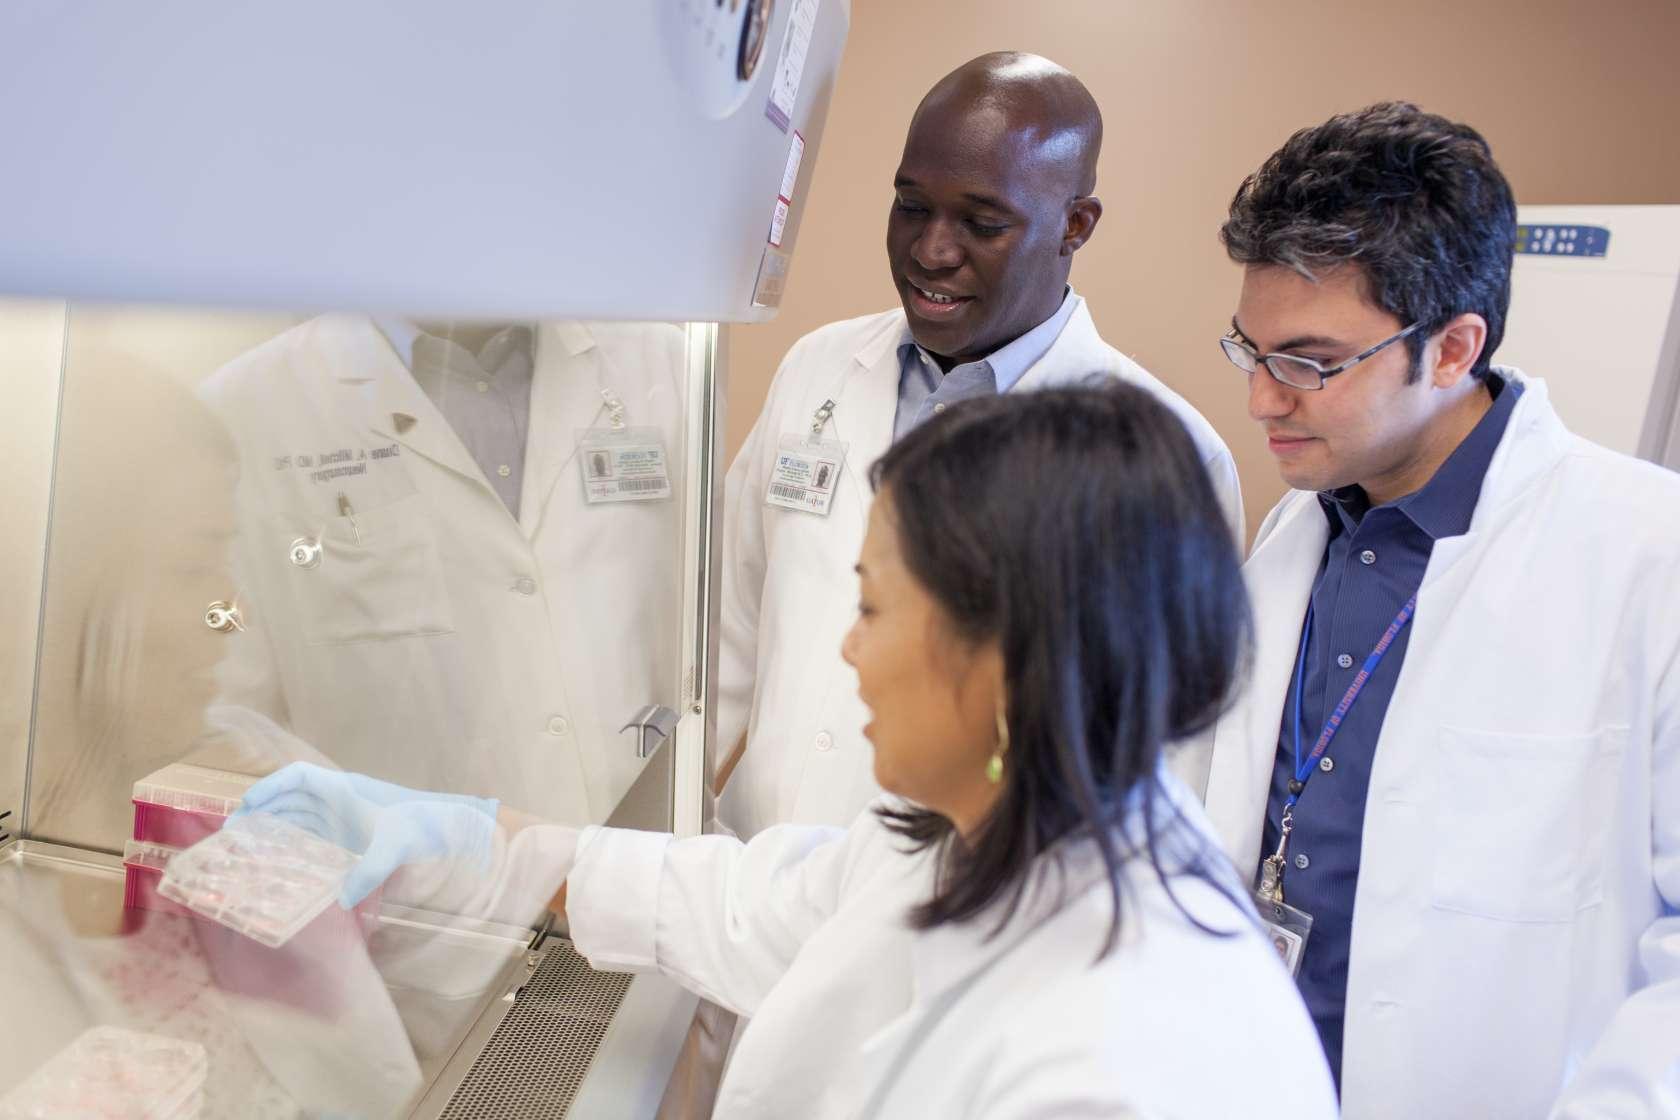 Dr. Mitchell & Team